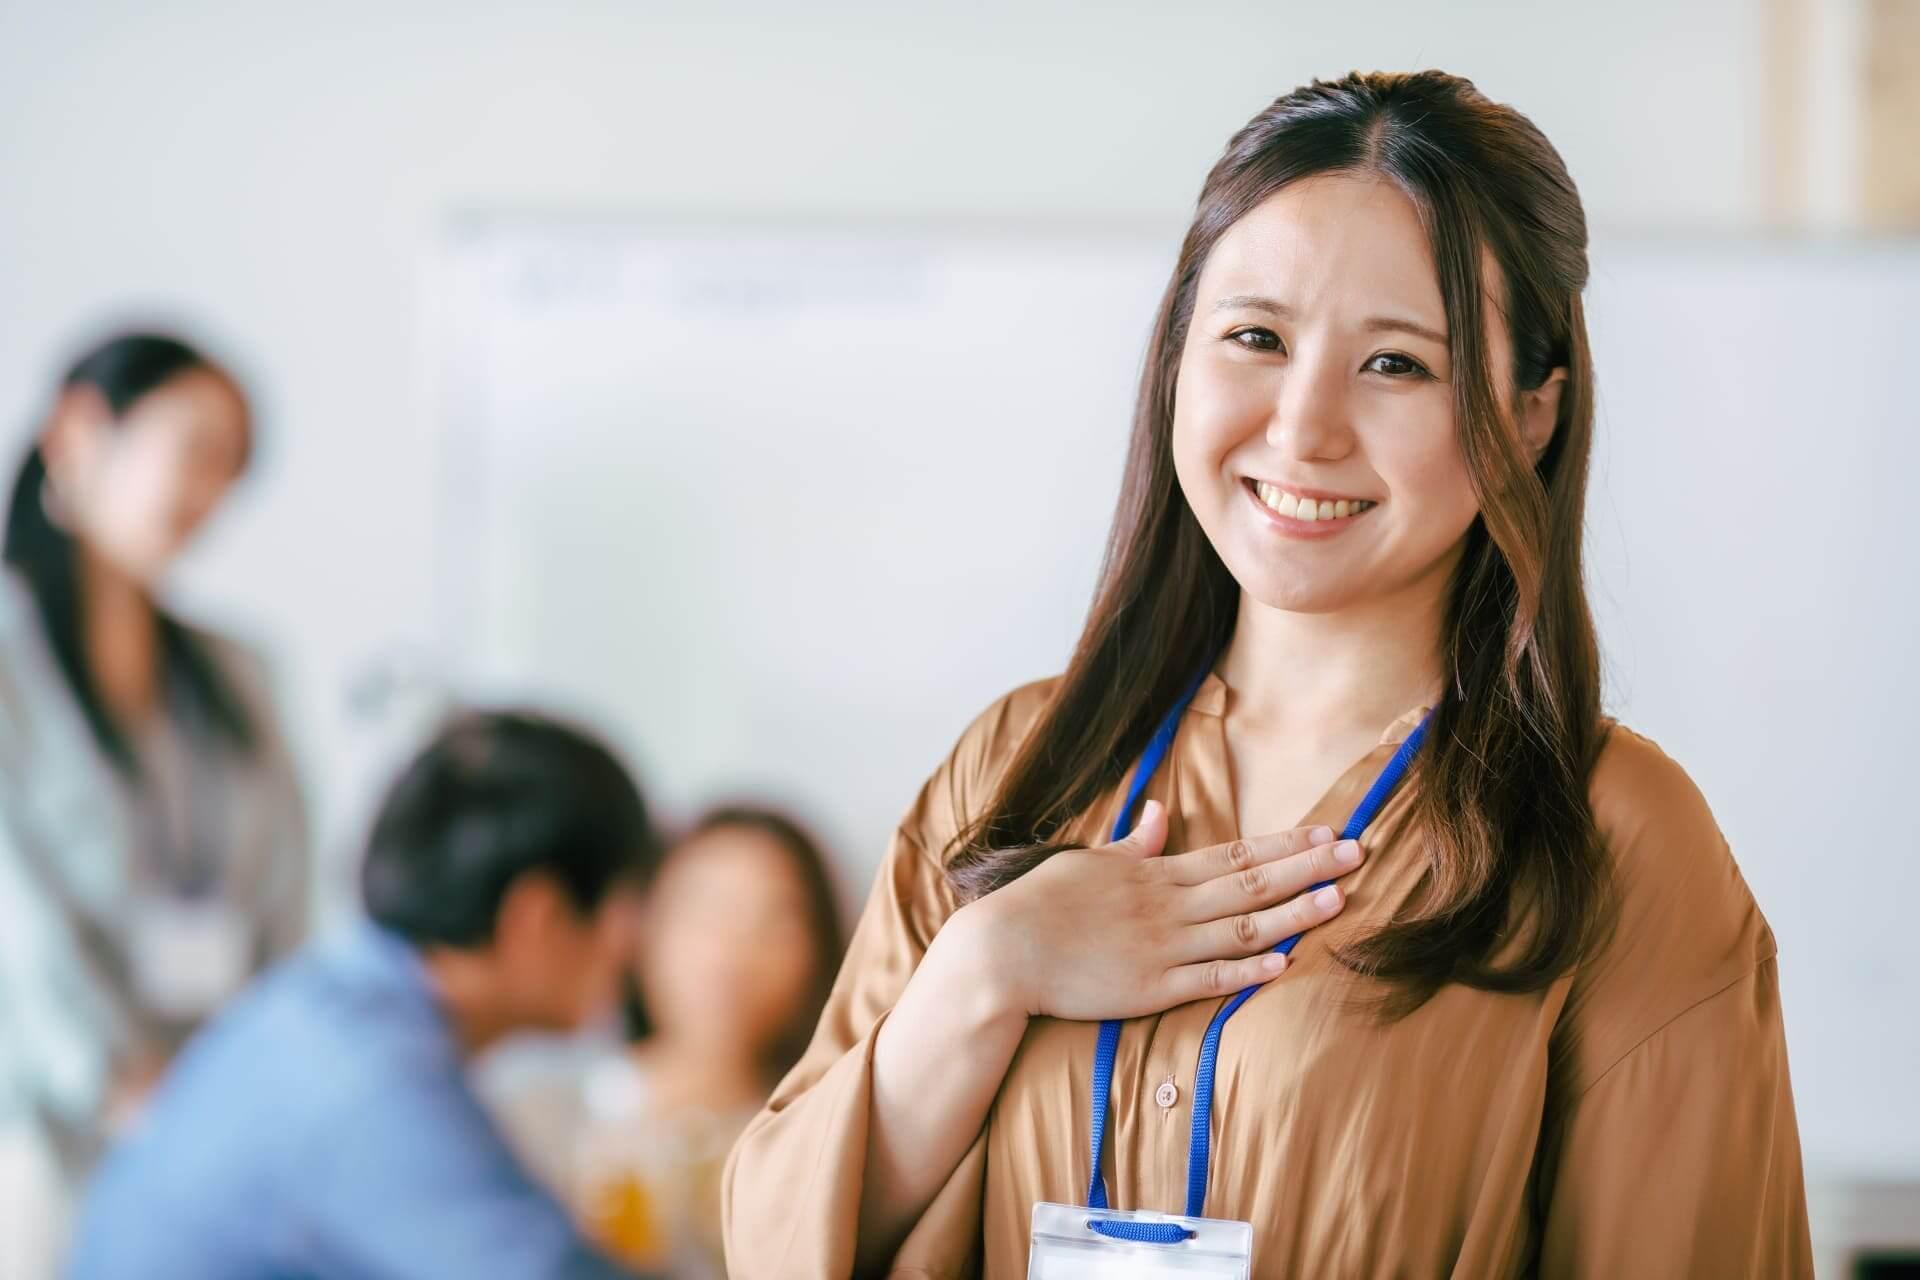 仕事占い|あなたを成功に導く重要人物はどんな人?転機、その後の仕事変化